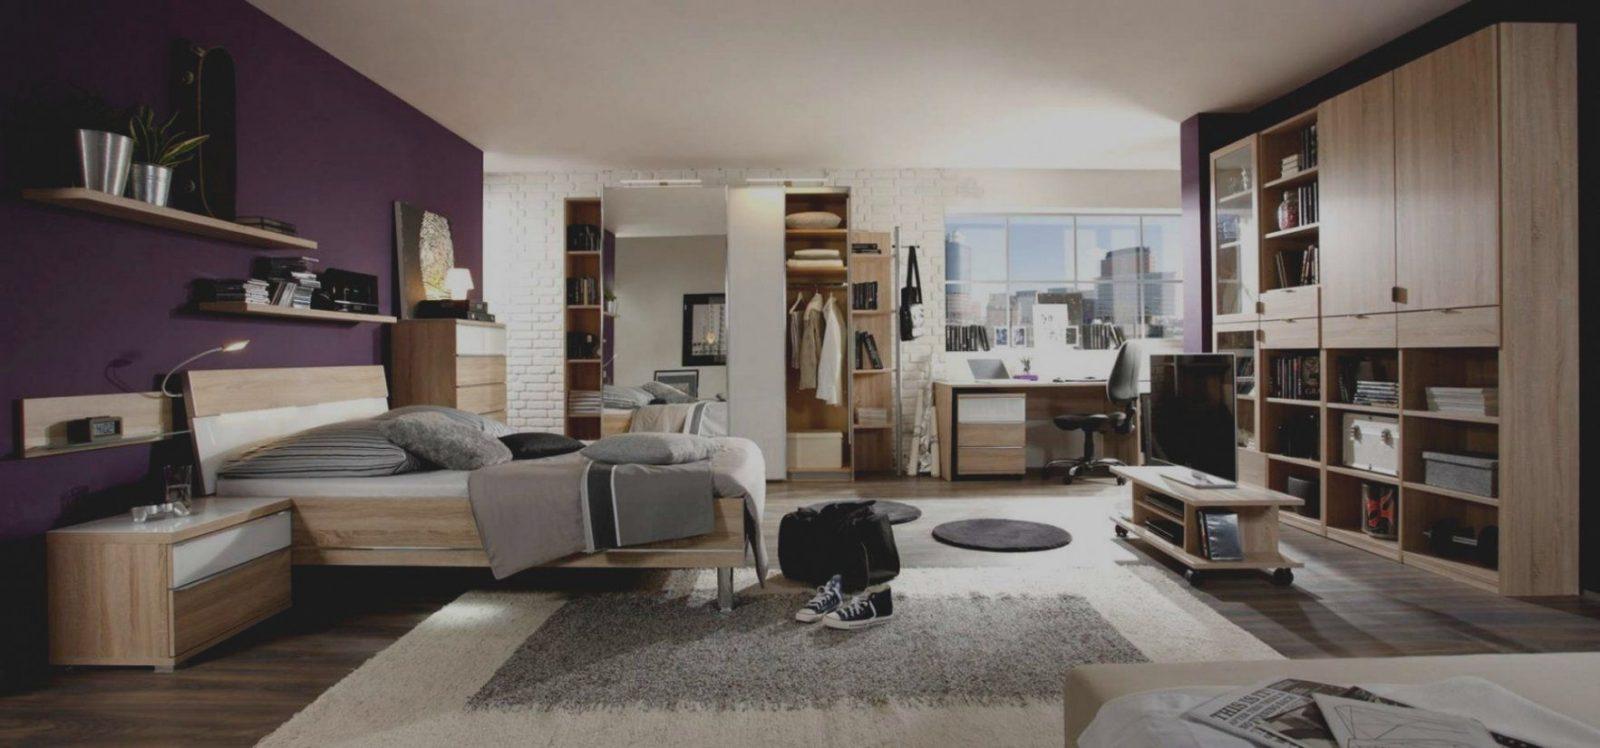 ... Wunderbar Wie Kann Man 1 Zimmer Wohnung Dekorieren Bad Designs Von 1 Zimmer  Wohnung Dekorieren Photo ...